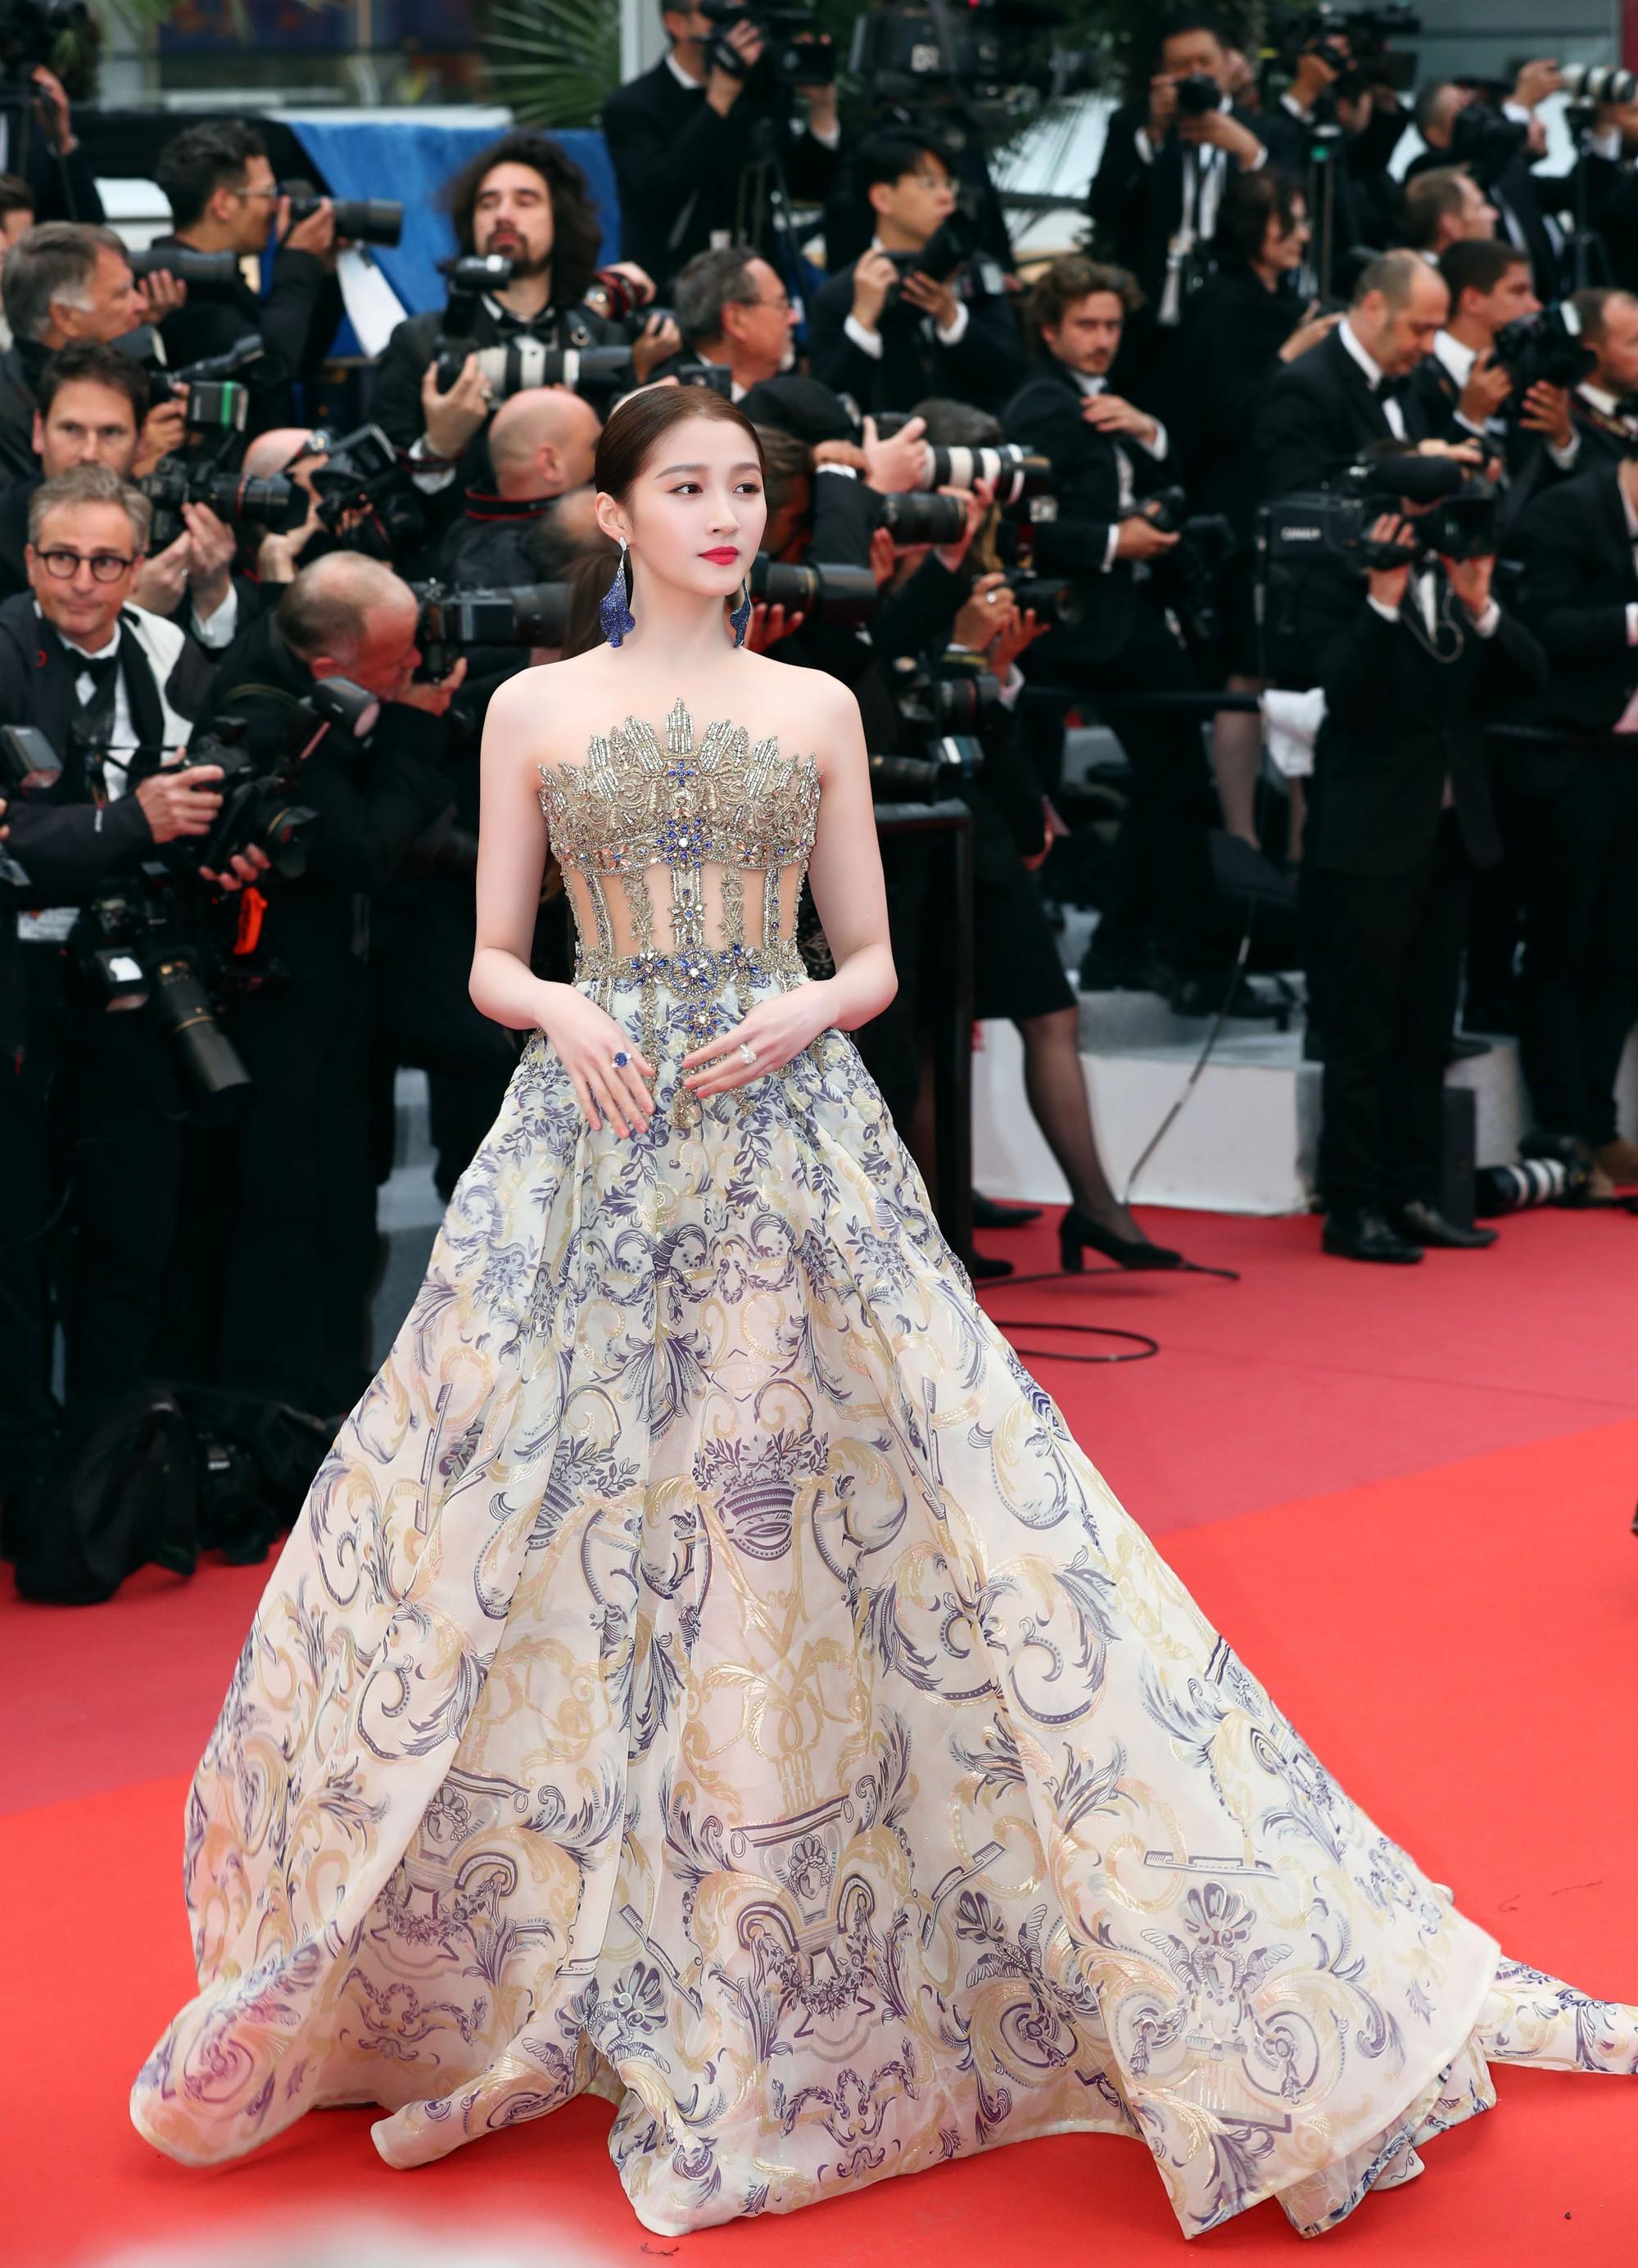 Không có Phạm Băng Băng, đây là nữ thần Trung Quốc đẹp nao lòng, gây bão với truyền thông quốc tế tại Cannes - Ảnh 3.